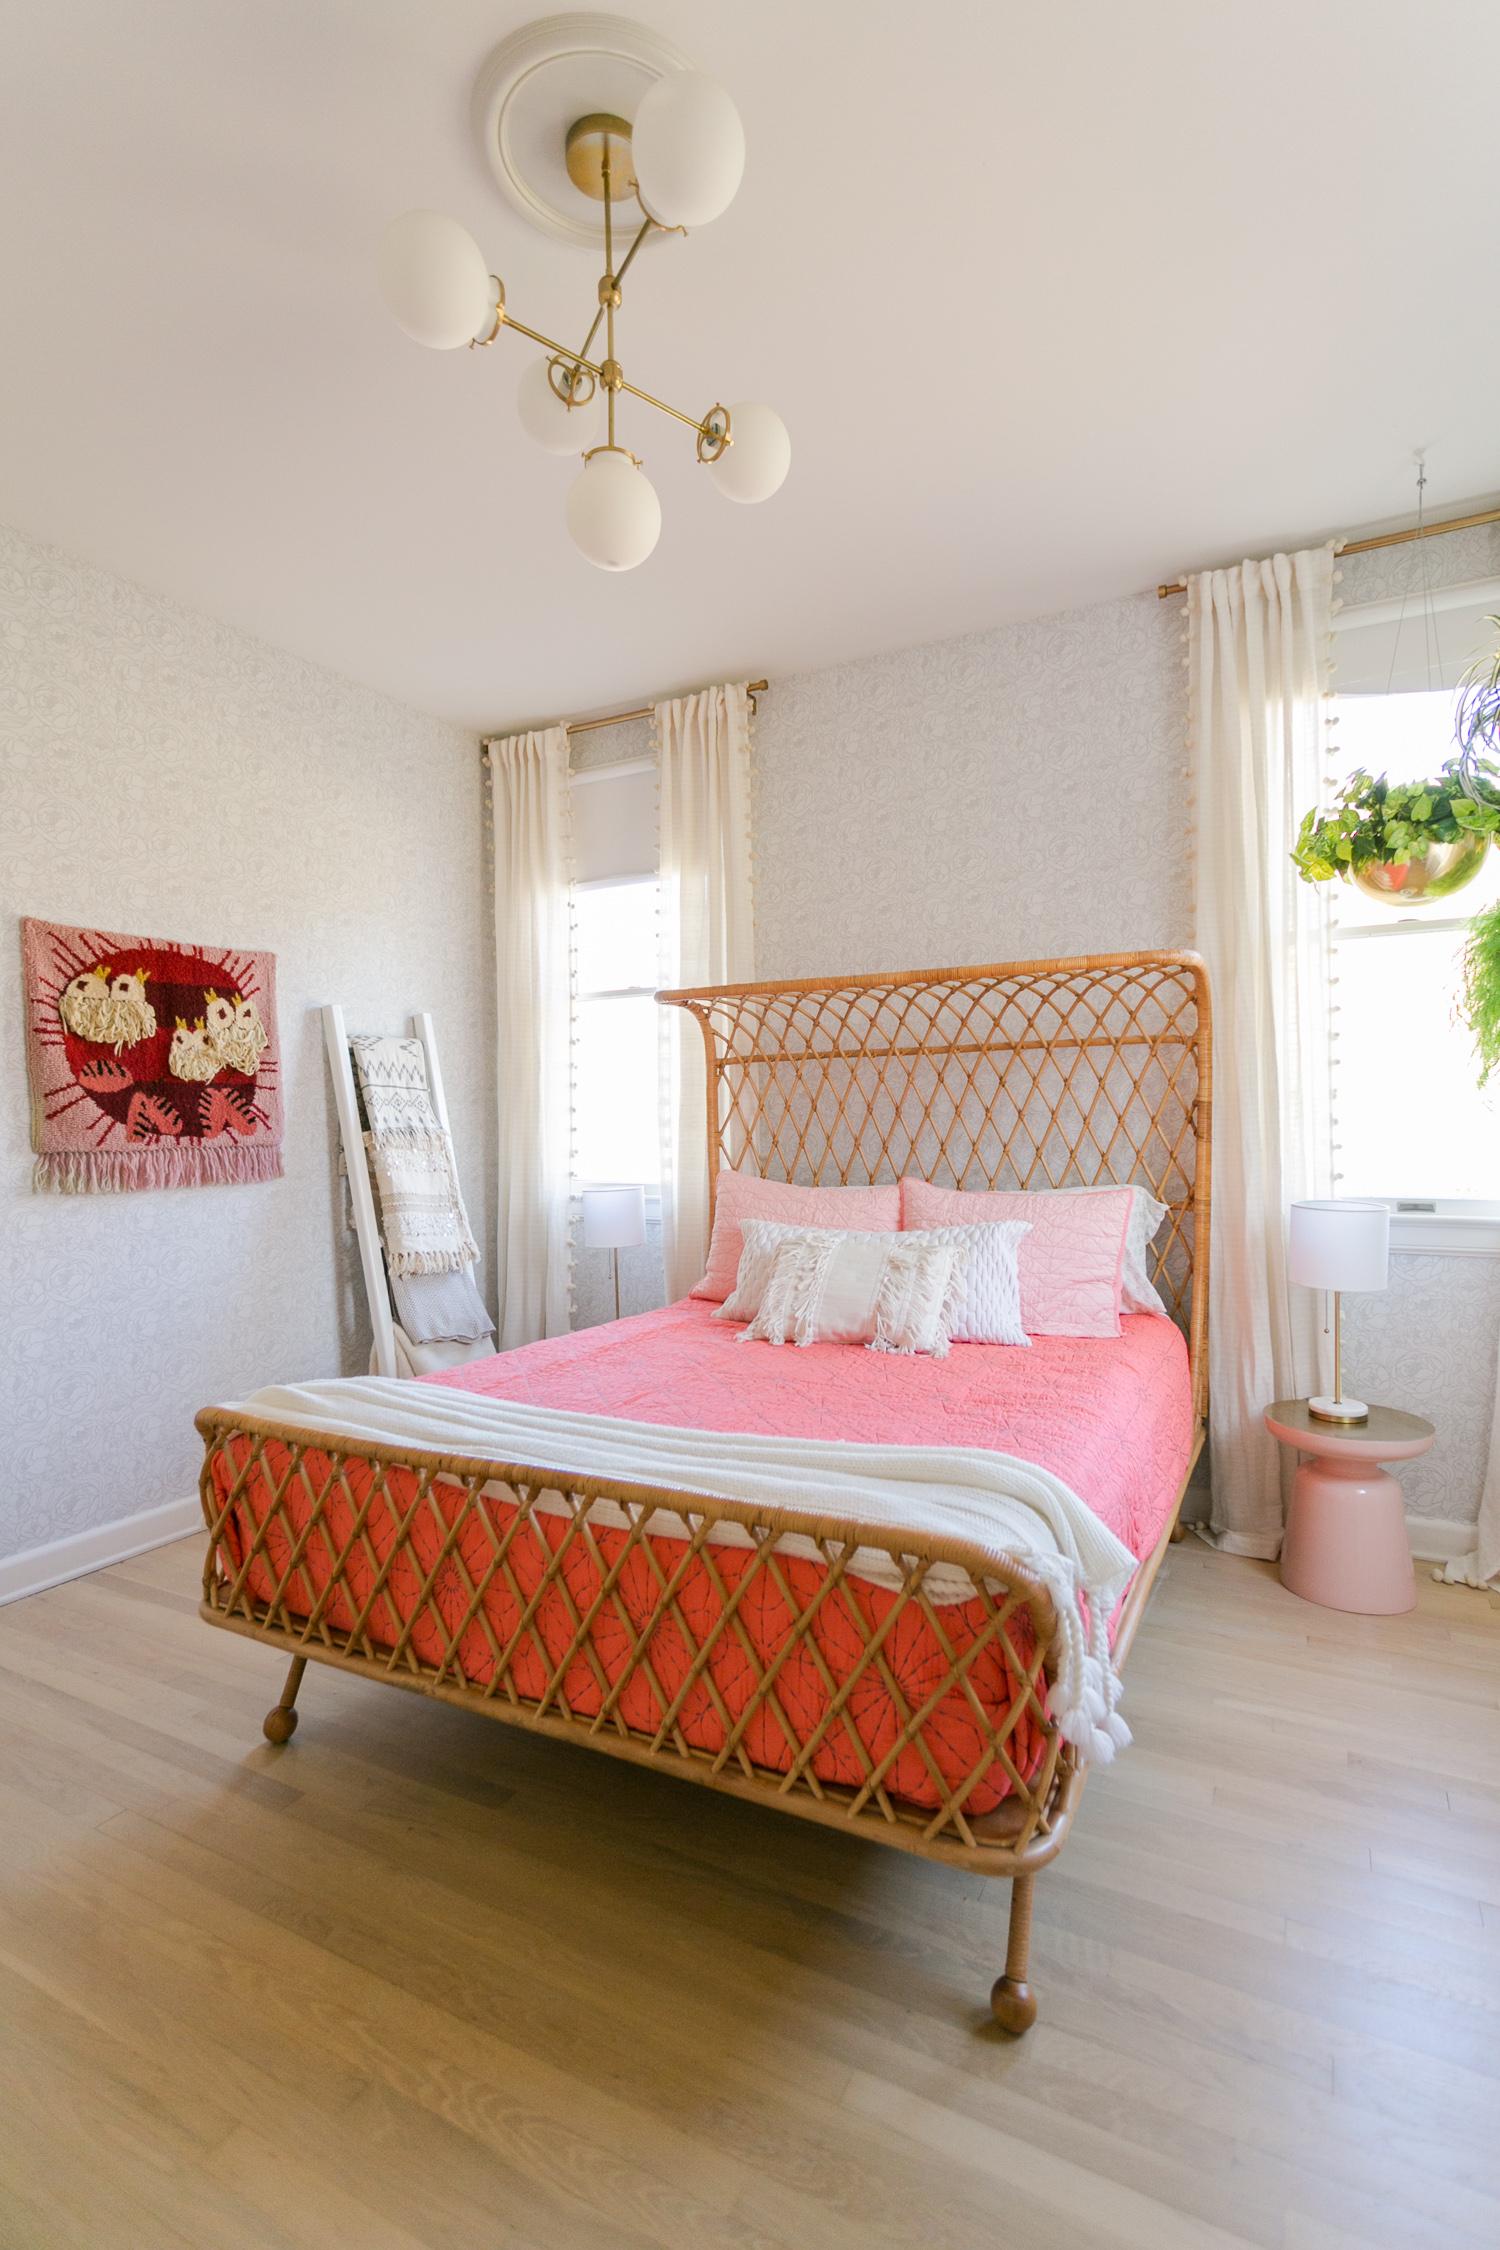 Elsie's Guest Room Refresh